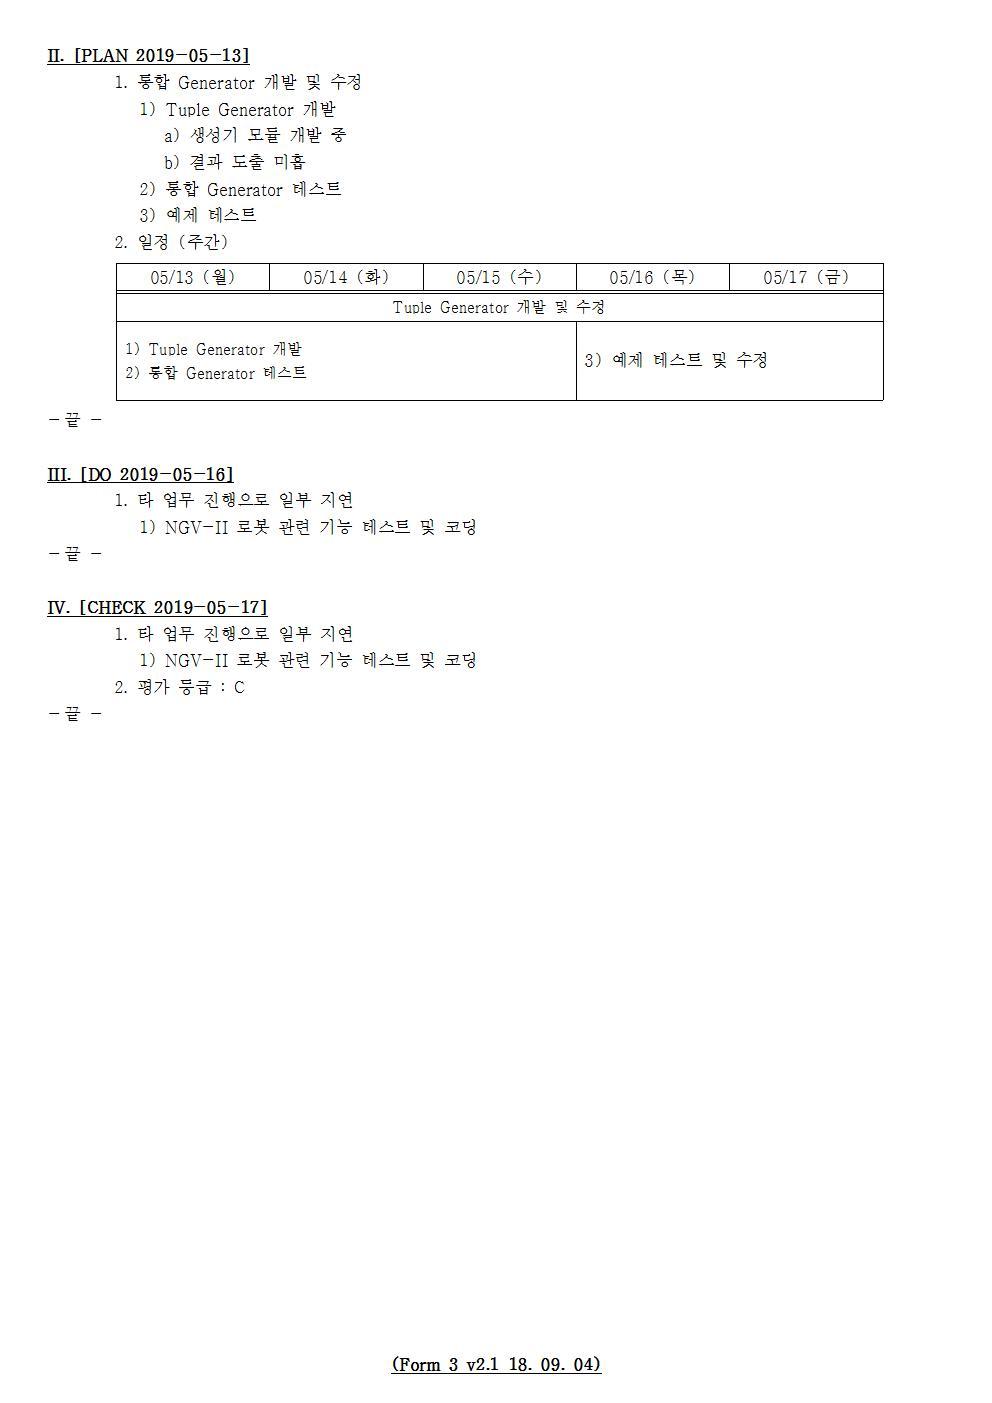 D-[19-003-RD-03]-[Tool-SRRE-1.X]-[2019-05-16][JS]-[19-5-3]-[P+D+C]002.jpg